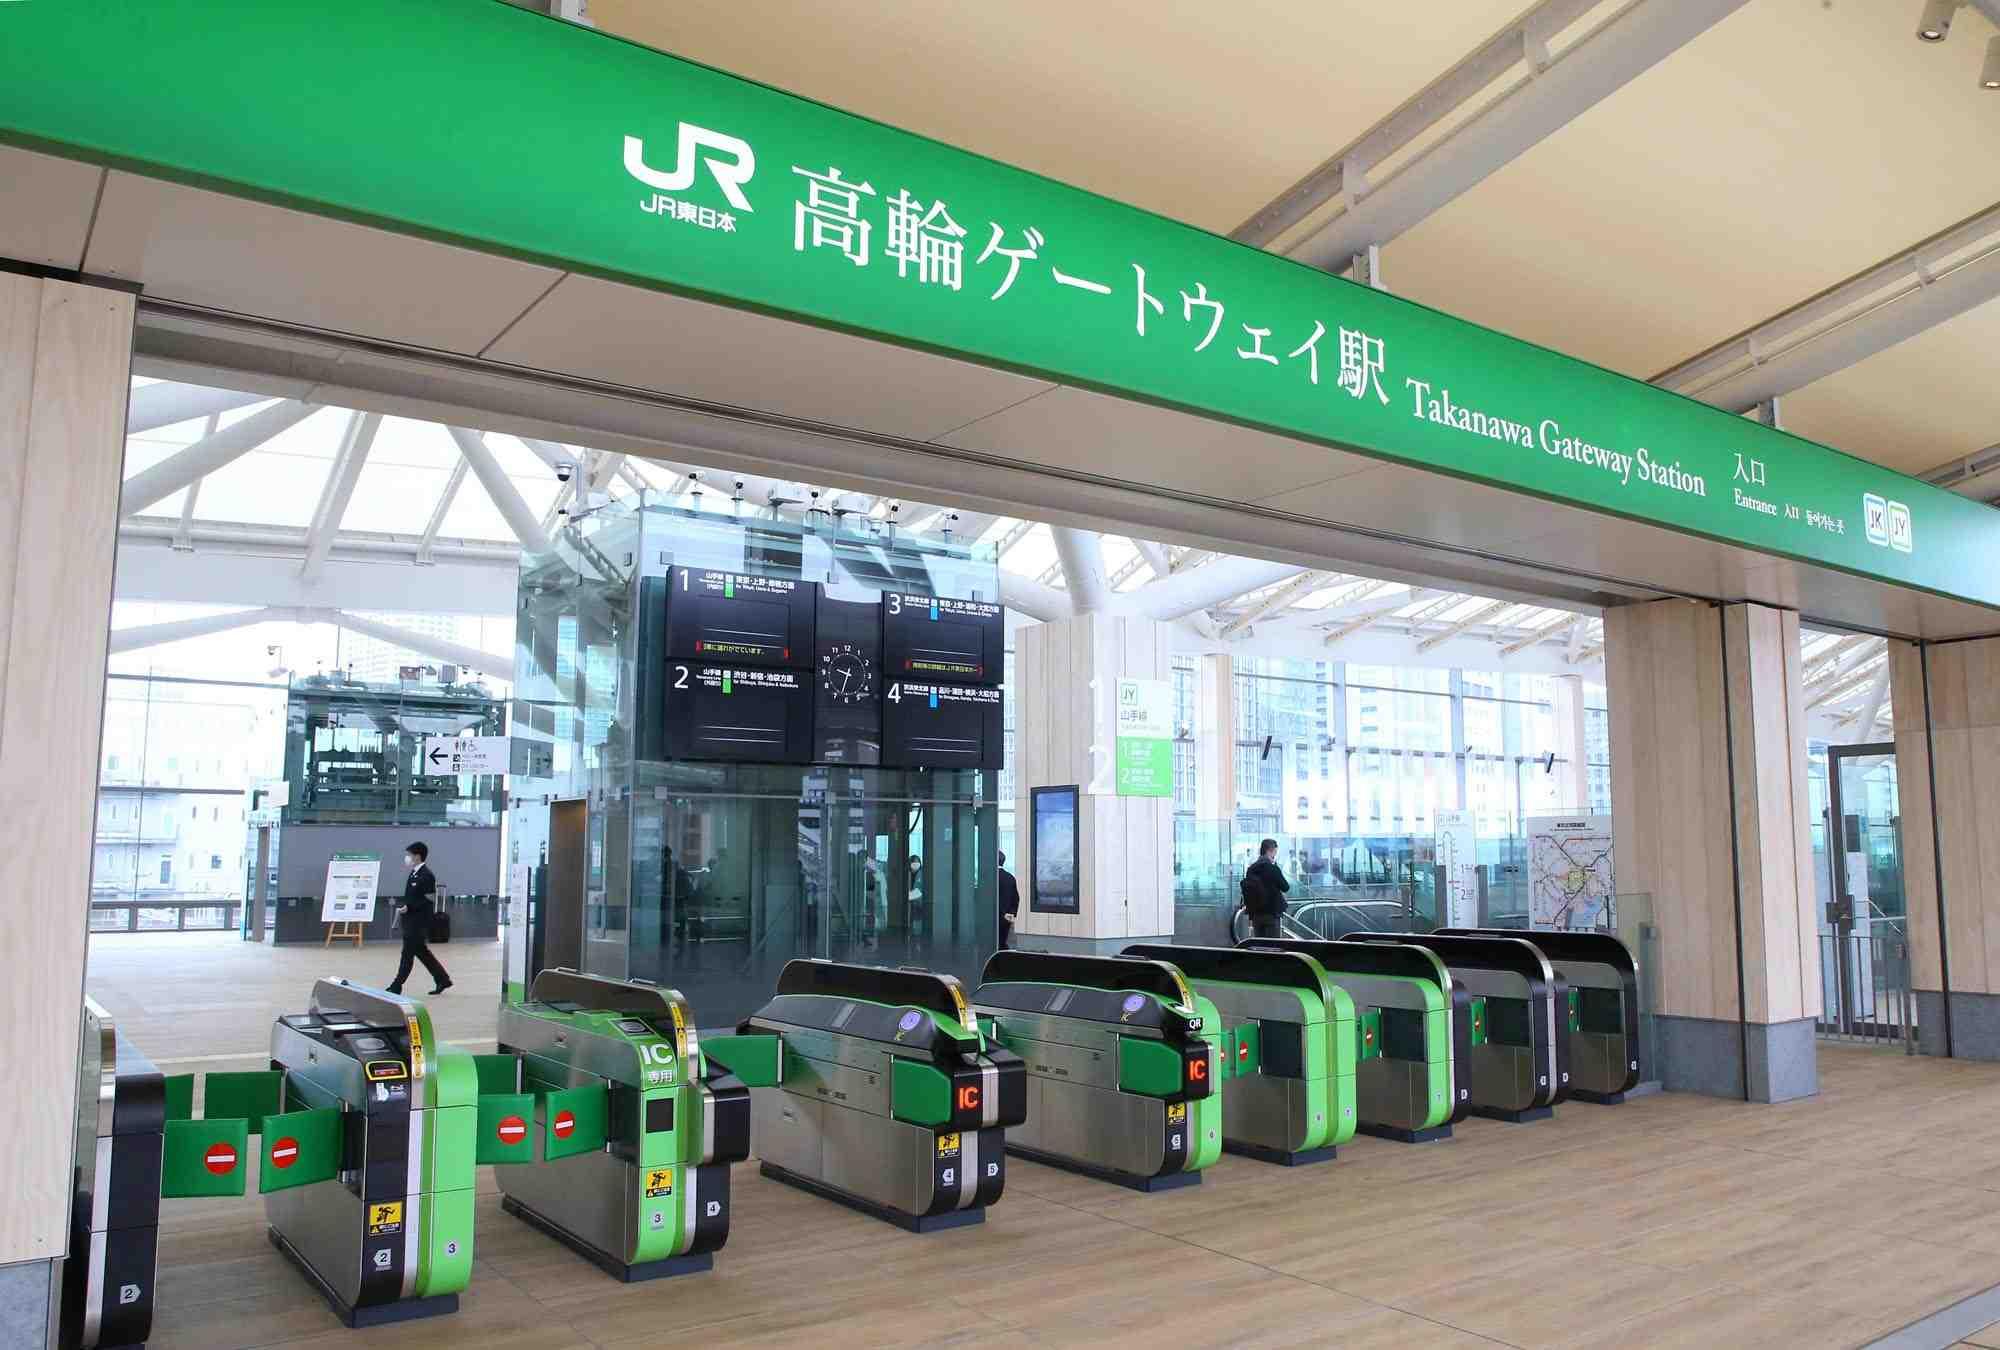 JR Takanawa Gateway Station Opening Robots AI 003